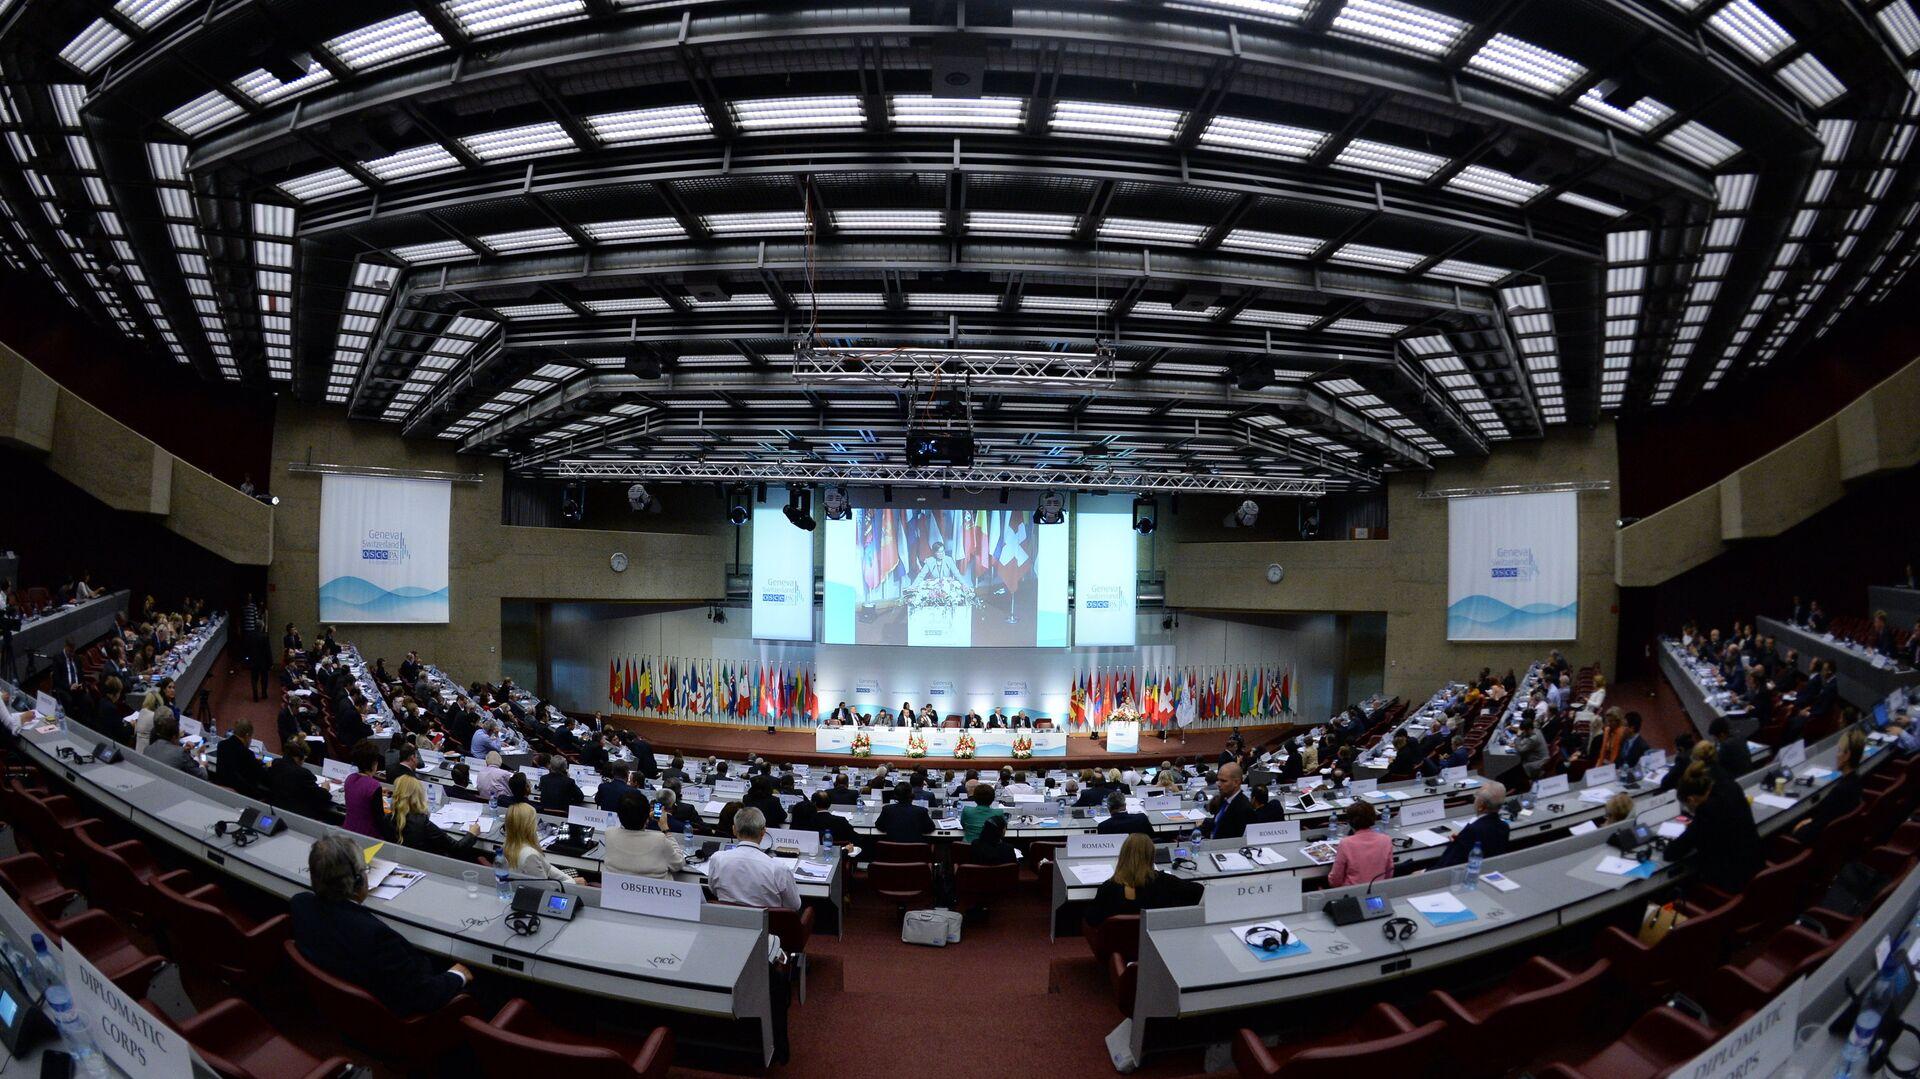 На открытии осенней сессии Парламентской ассамблеи Организации по безопасности и сотрудничеству в Европе (ОБСЕ) в Женеве - РИА Новости, 1920, 06.07.2021